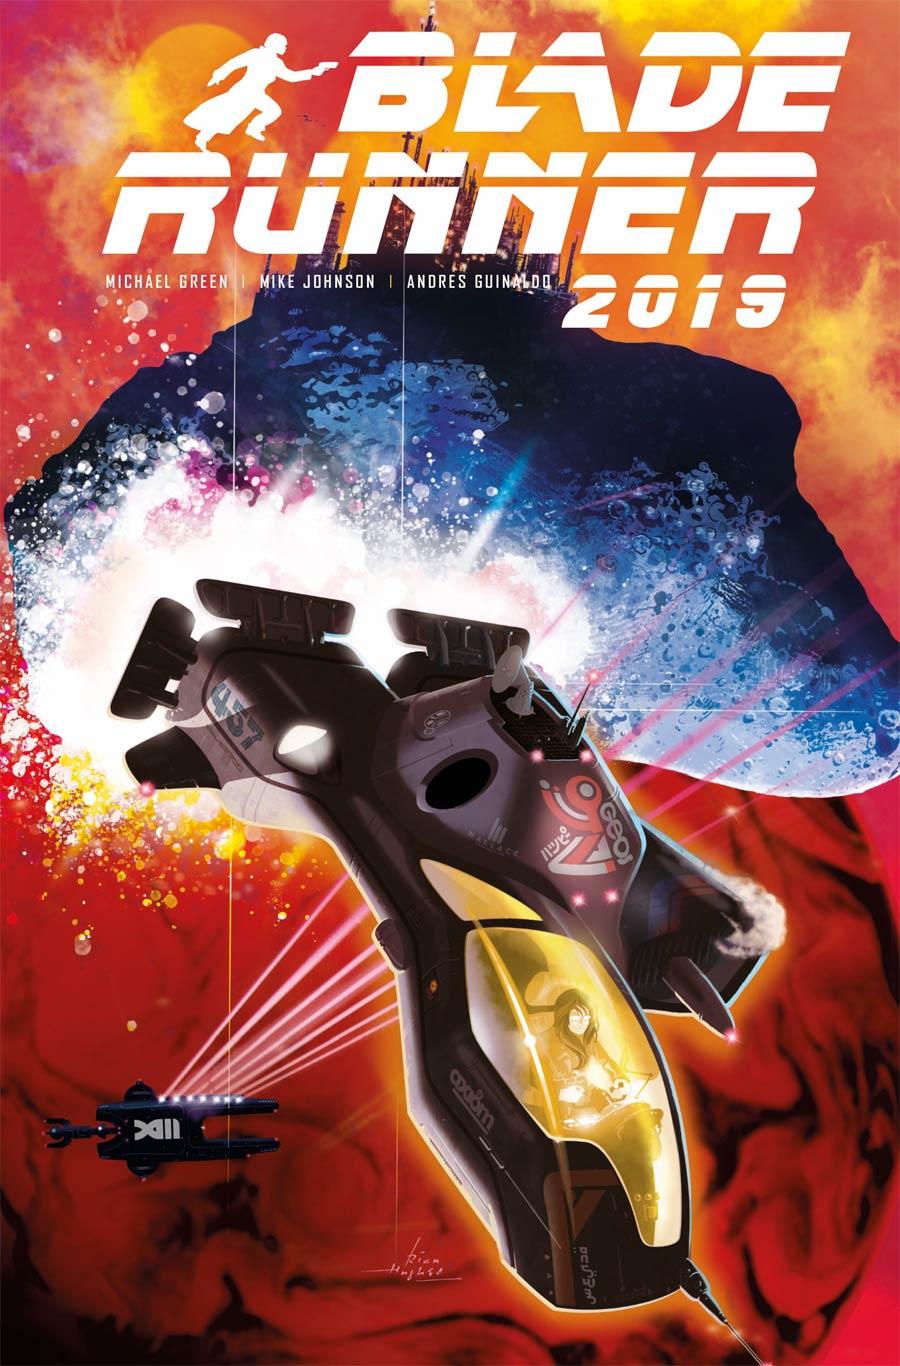 Blade Runner 2019 #10 (2020)